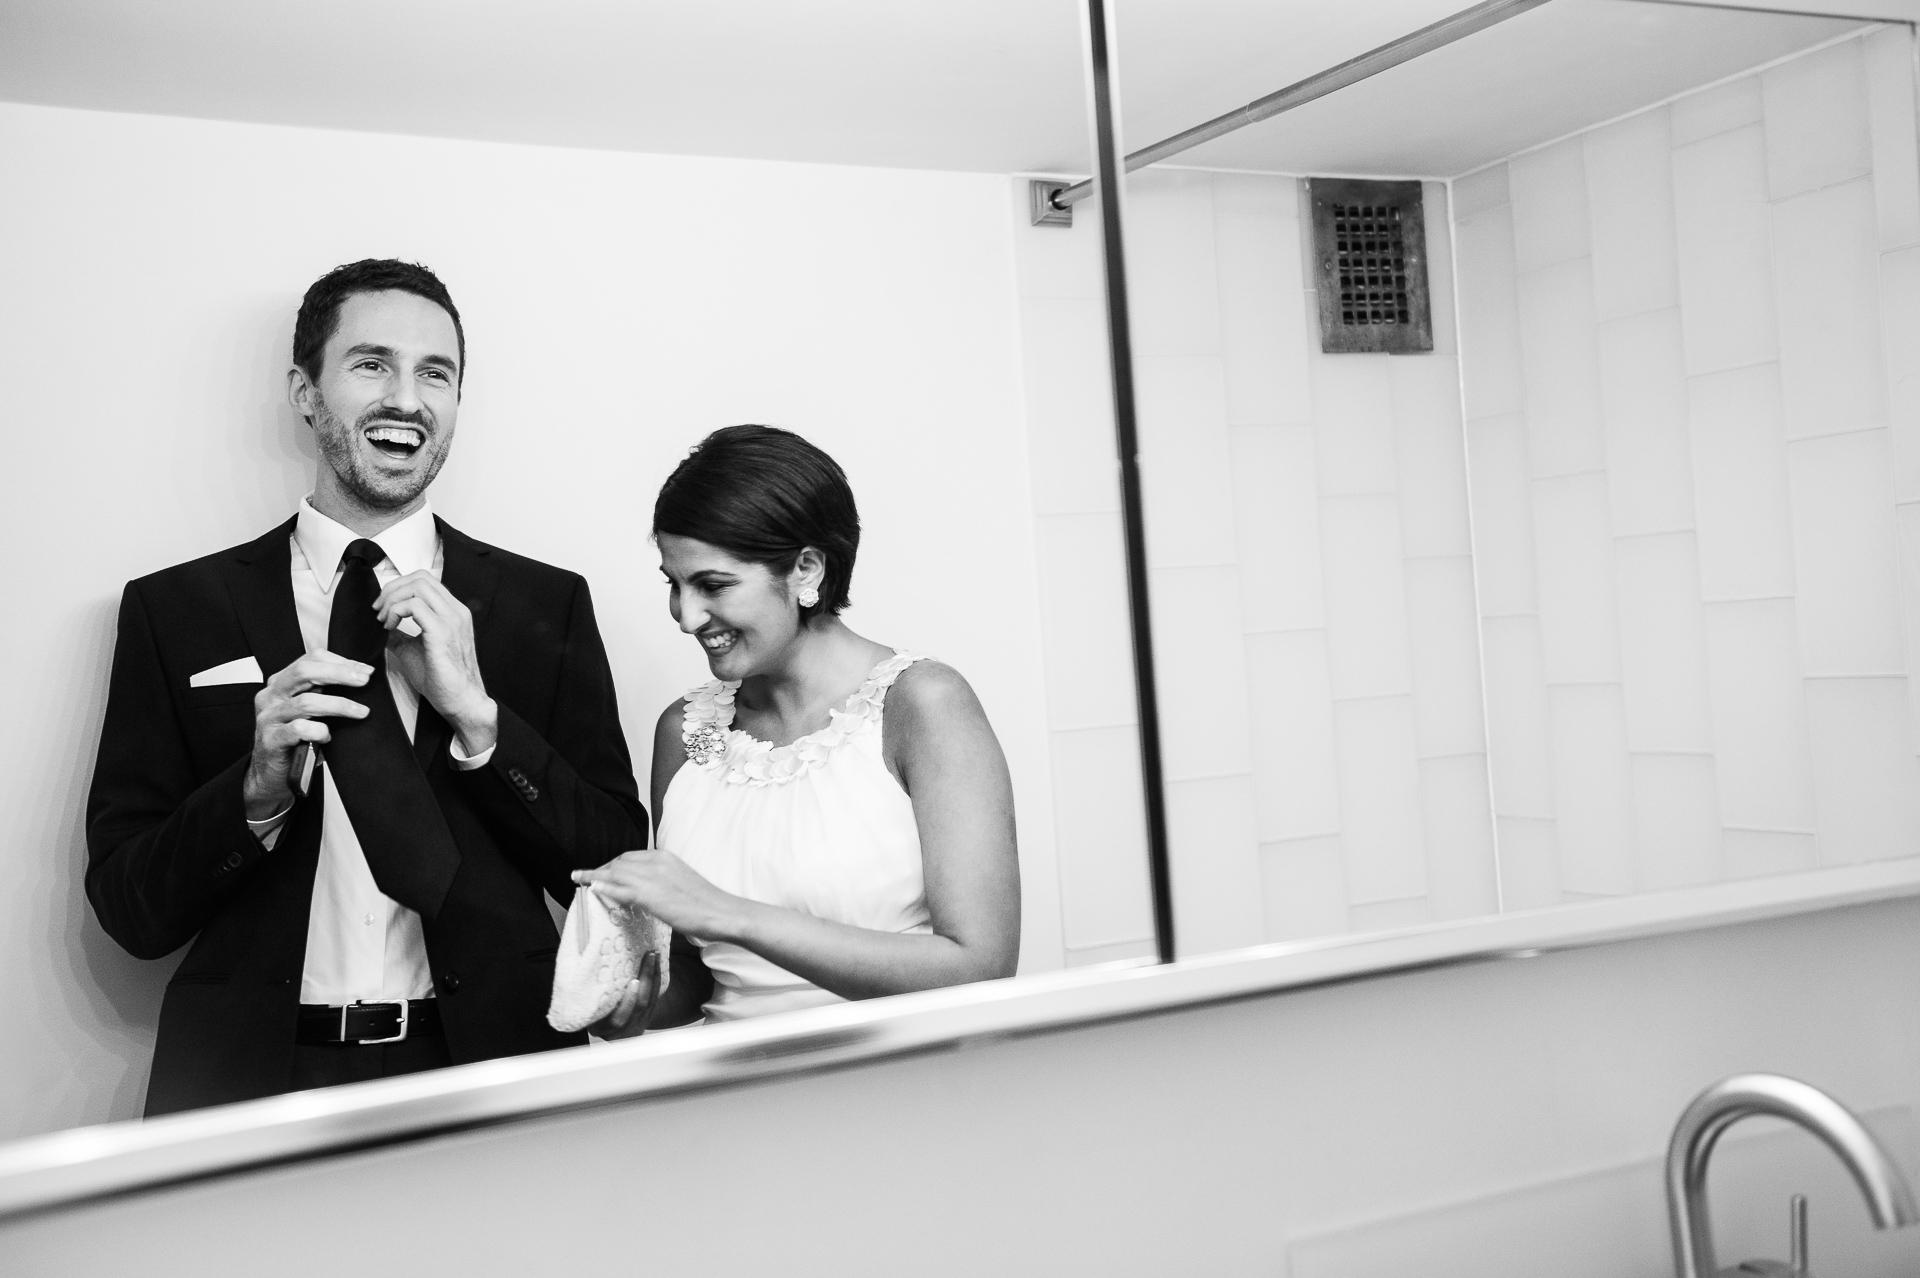 Imagen de boda BW pareja de apartamentos de Washington DC | Es el reconocimiento de un pacto, despojado de lo esencial